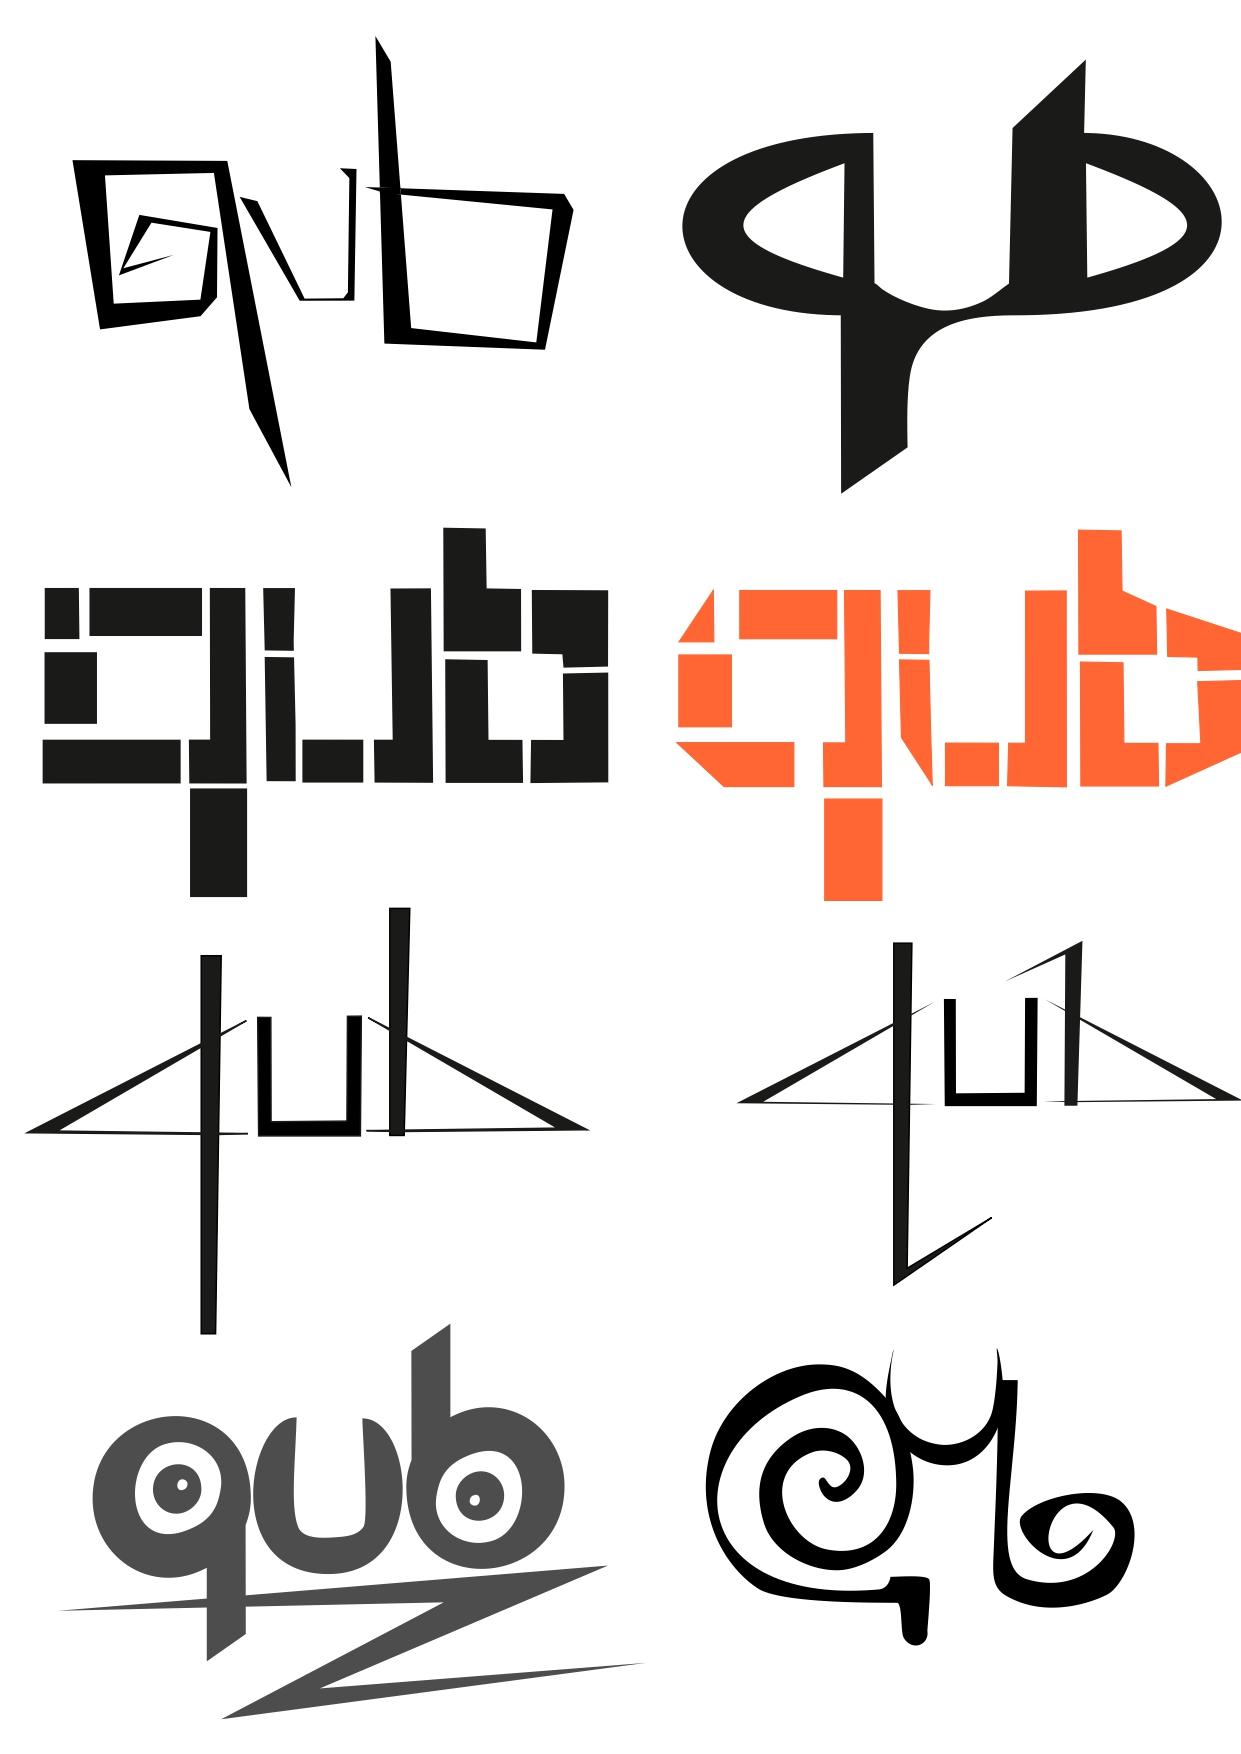 Разработка логотипа и фирменного стиля для ТМ фото f_0215f216d9d32a7d.jpg